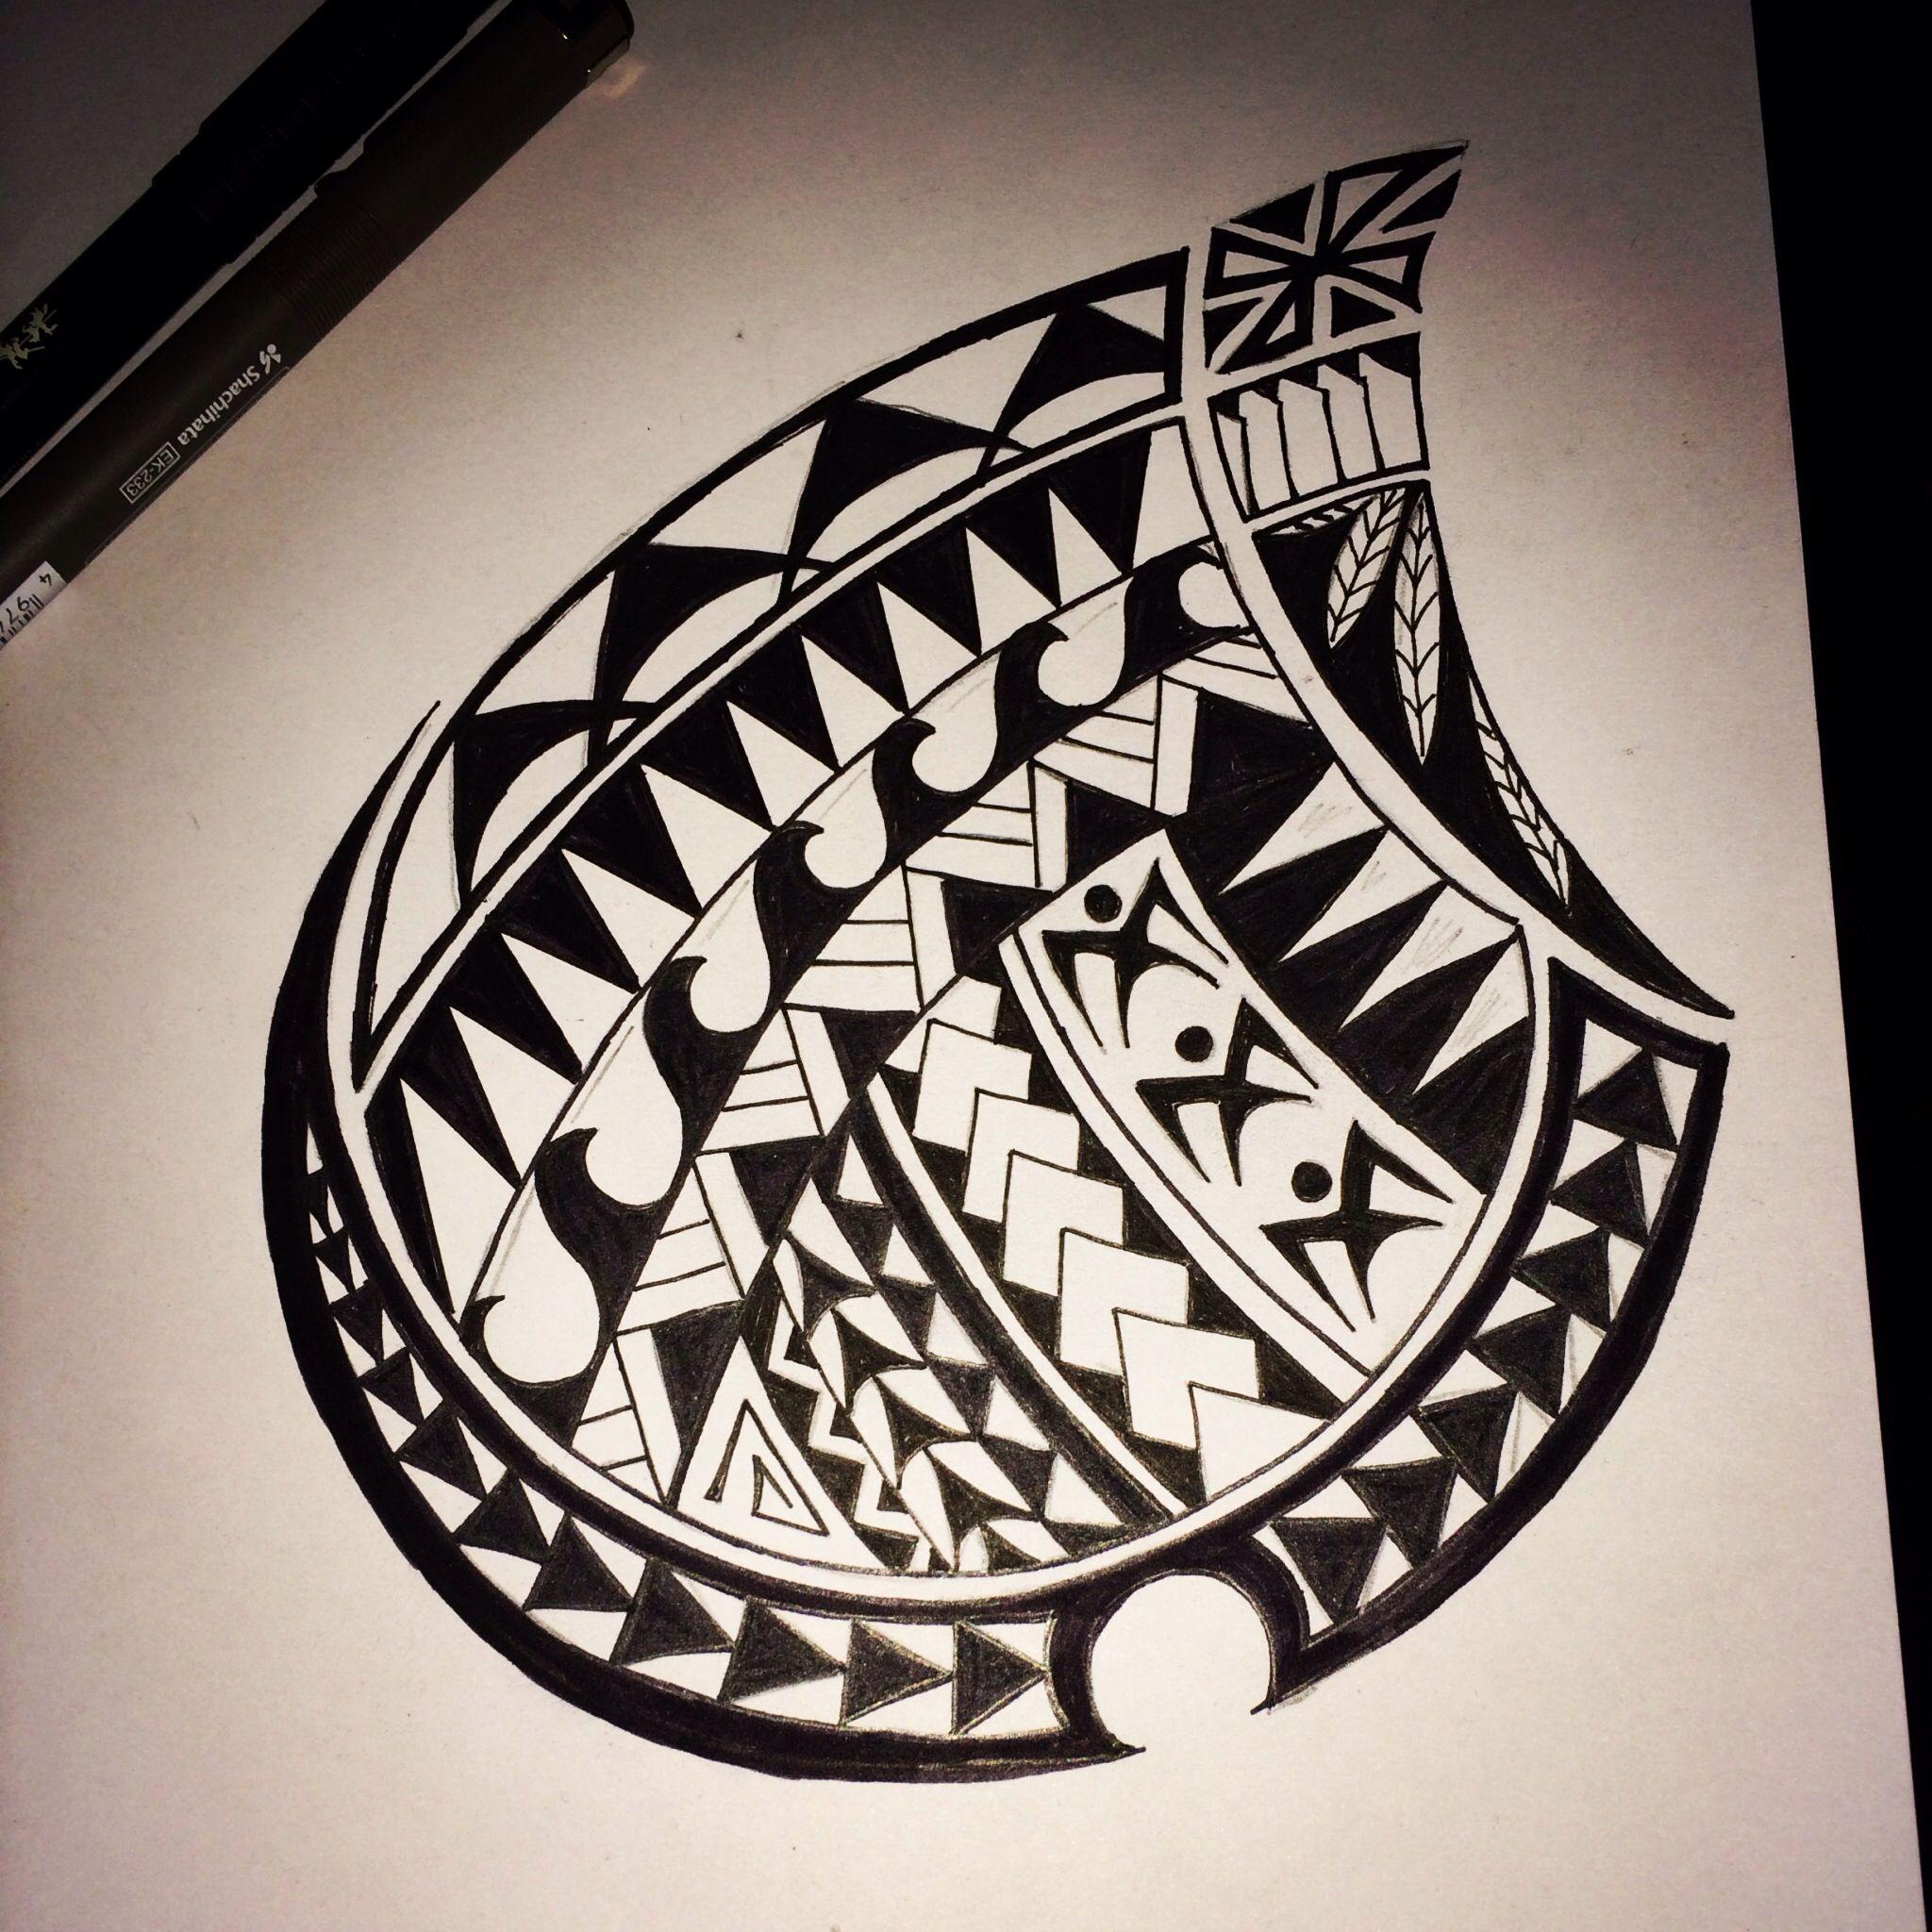 samoan tattoo polynesian tattoo samoan tattoos 39 tatau 39 pinterest samoan tattoo tattoo. Black Bedroom Furniture Sets. Home Design Ideas